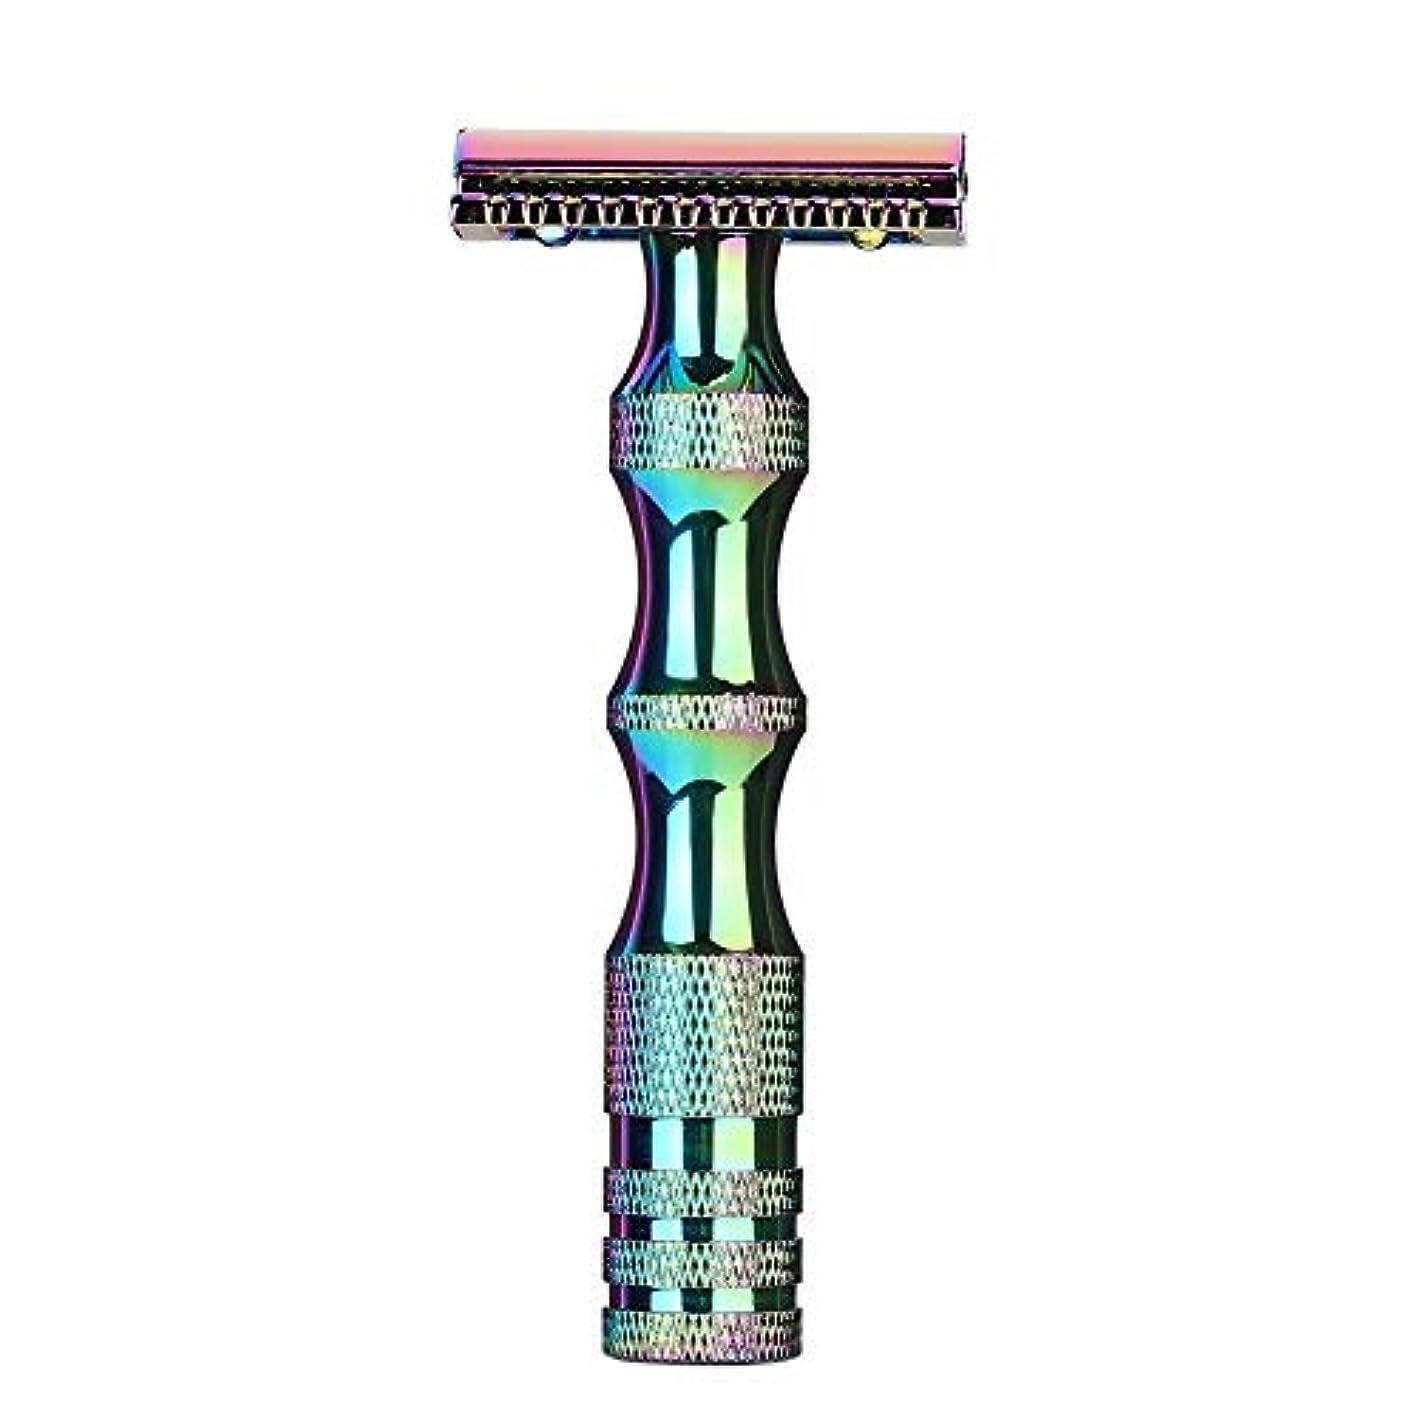 記述する毒性ナサニエル区Nitrip メンズシェーバー かみそり 手動かみそり クラシックシェーバー 両刃カミソリ 回転可能なハンドル ステンレス製 剃刀 理容師 (カラフル)